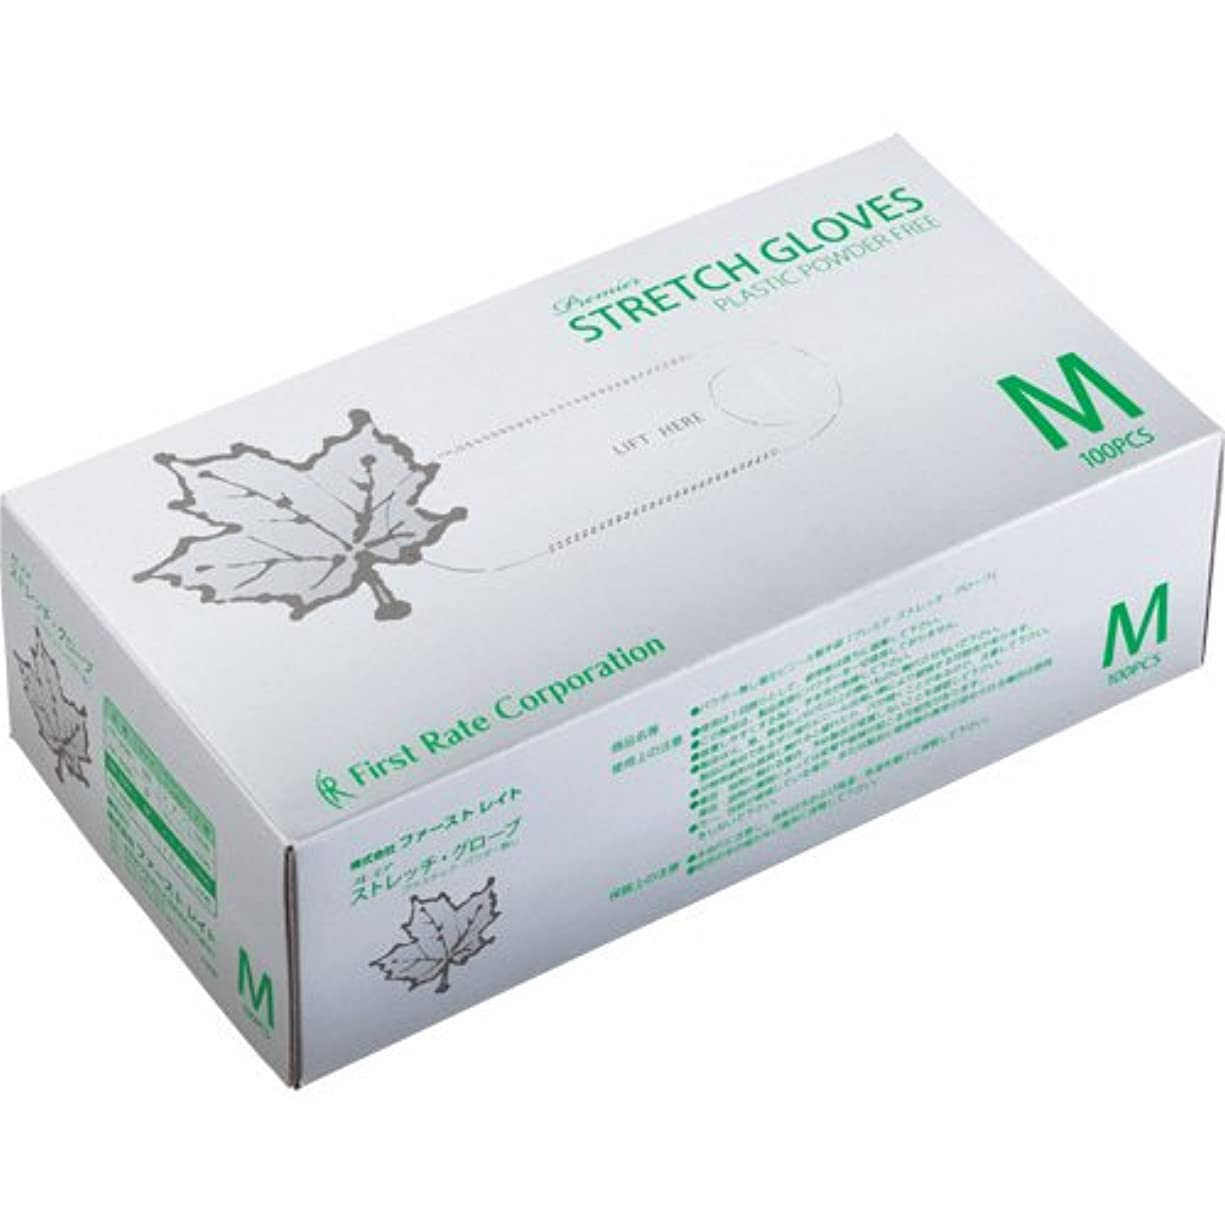 アラームいつもスリッパ[ファーストレイト 9673717] (ケア商品)(まとめ)プレミアストレッチグローブ パウダーフリー M 100枚入×10箱